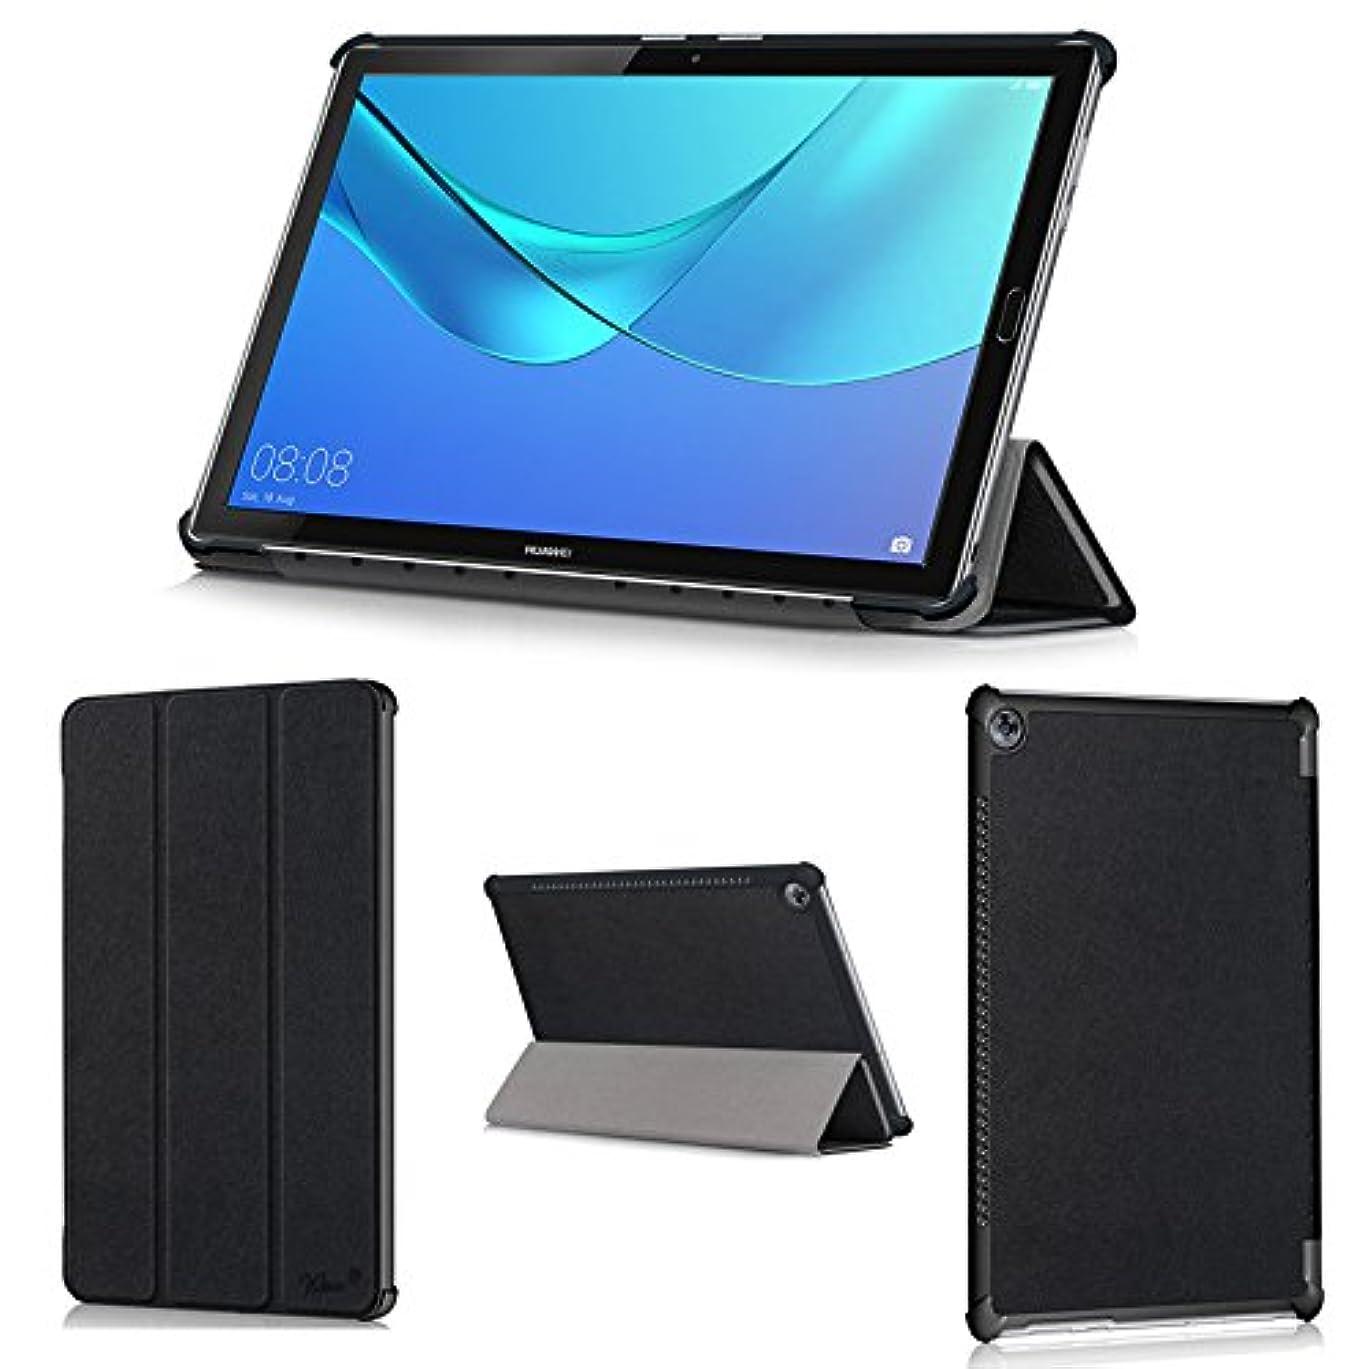 出会い男らしさ印象wisers Mediapad M5 10 ケース Mediapad M5 Pro CMR-W19 ケース 超薄型 スリム Huawei ファーウェイ 10.8 インチ タブレット ケース カバー [2018 年 新型] ブラック